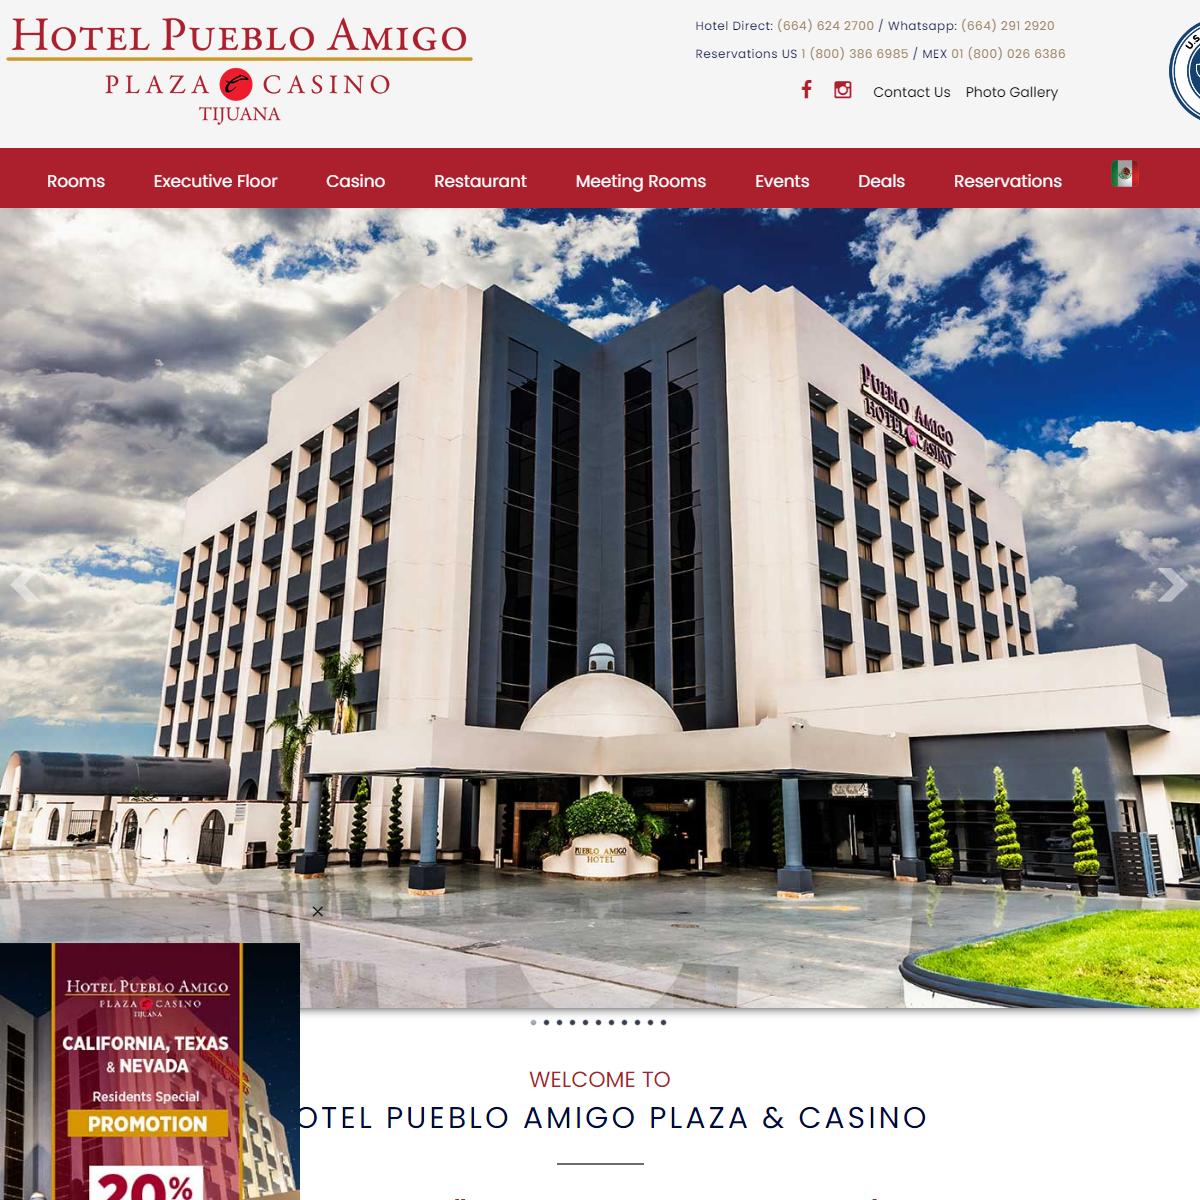 Hotel en Tijuana - Hotel Pueblo Amigo Plaza & Casino